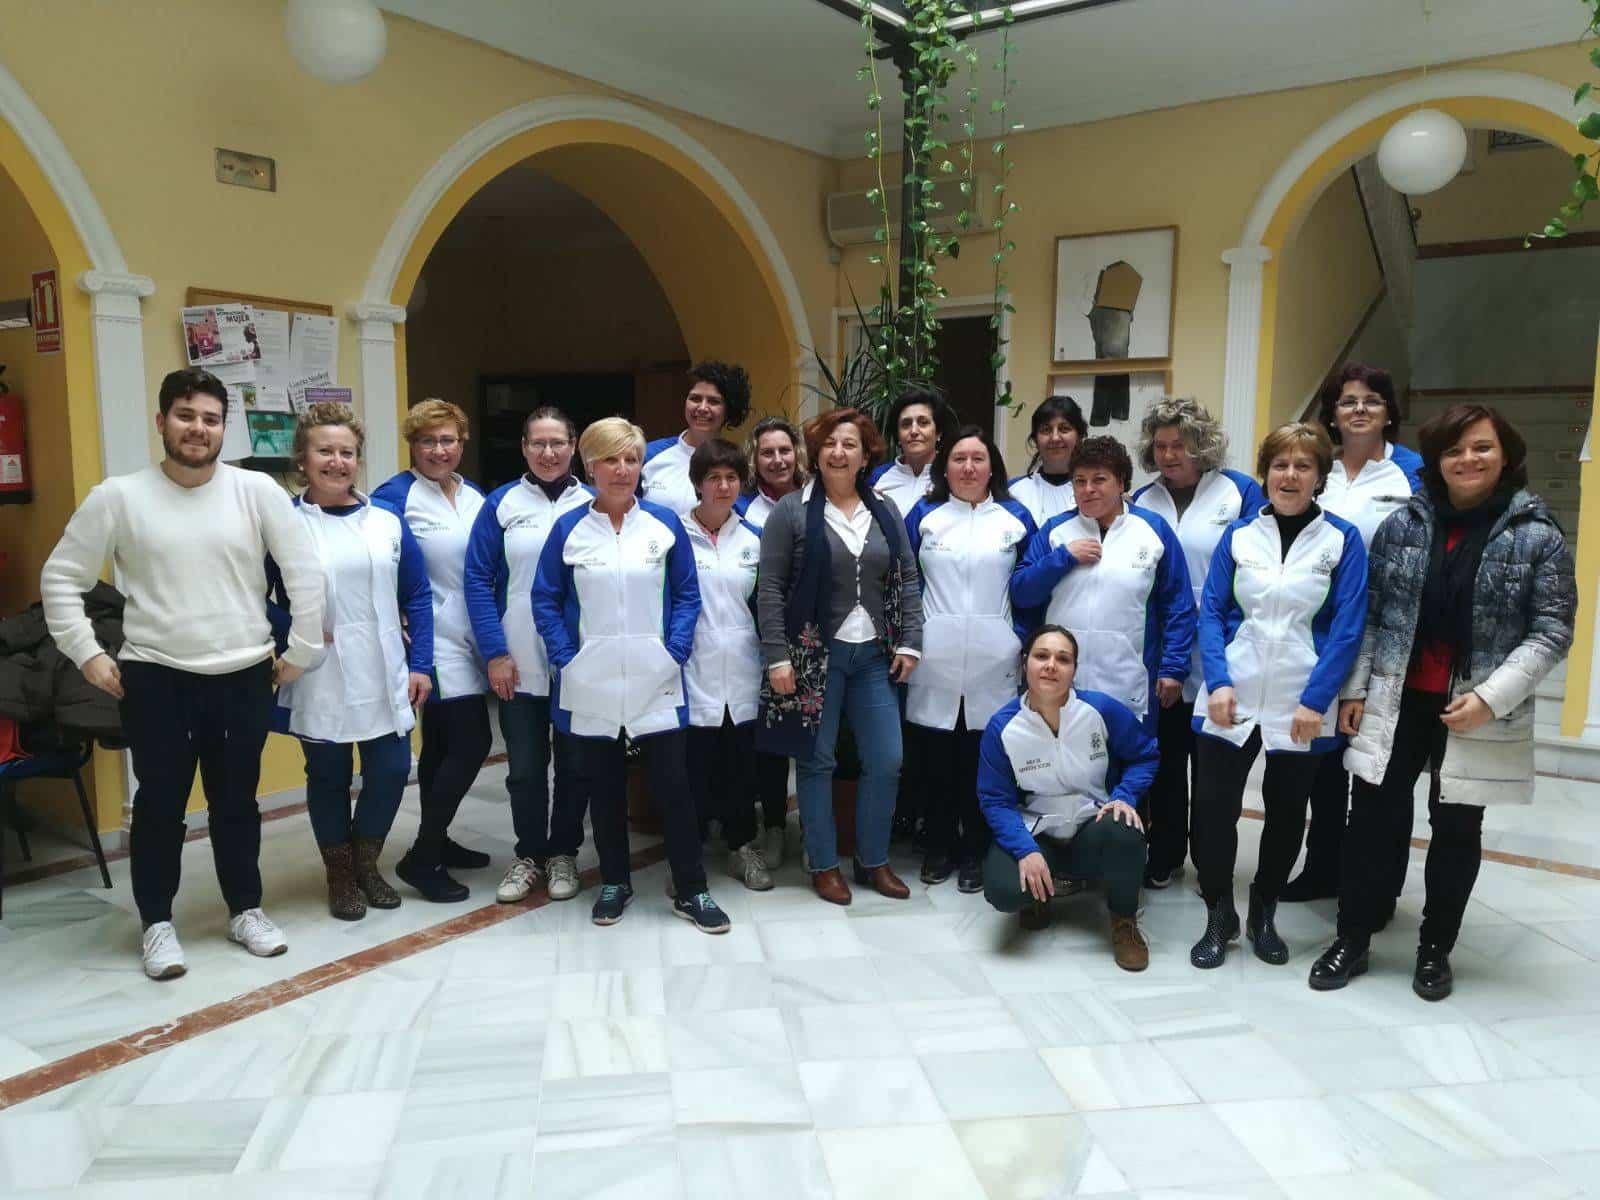 equipo servicio ayuda domicilio herencia - Servicio de Ayuda a Domicilio de Herencia se reestructura